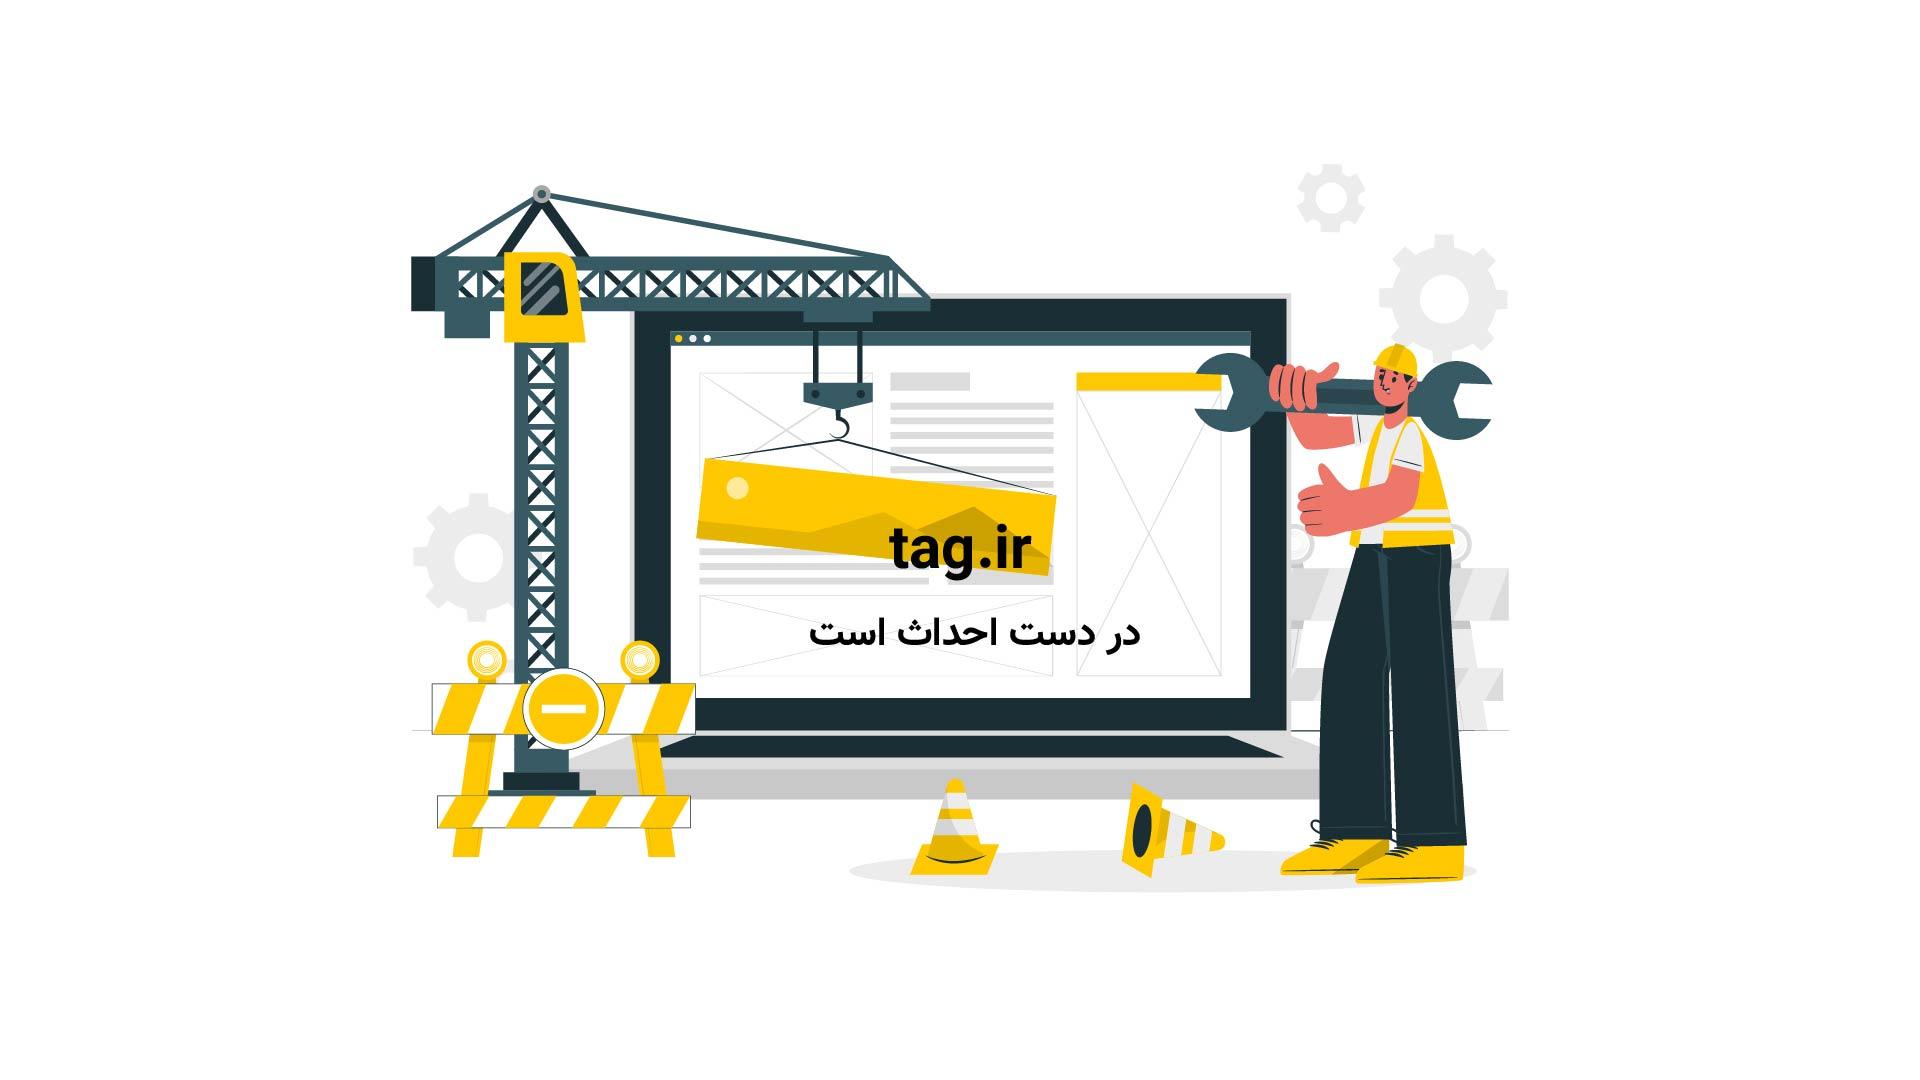 شخصیت جدید بازی جنگجوی خیابانی معرفی شد؛ یوشینوری اونو | فیلم